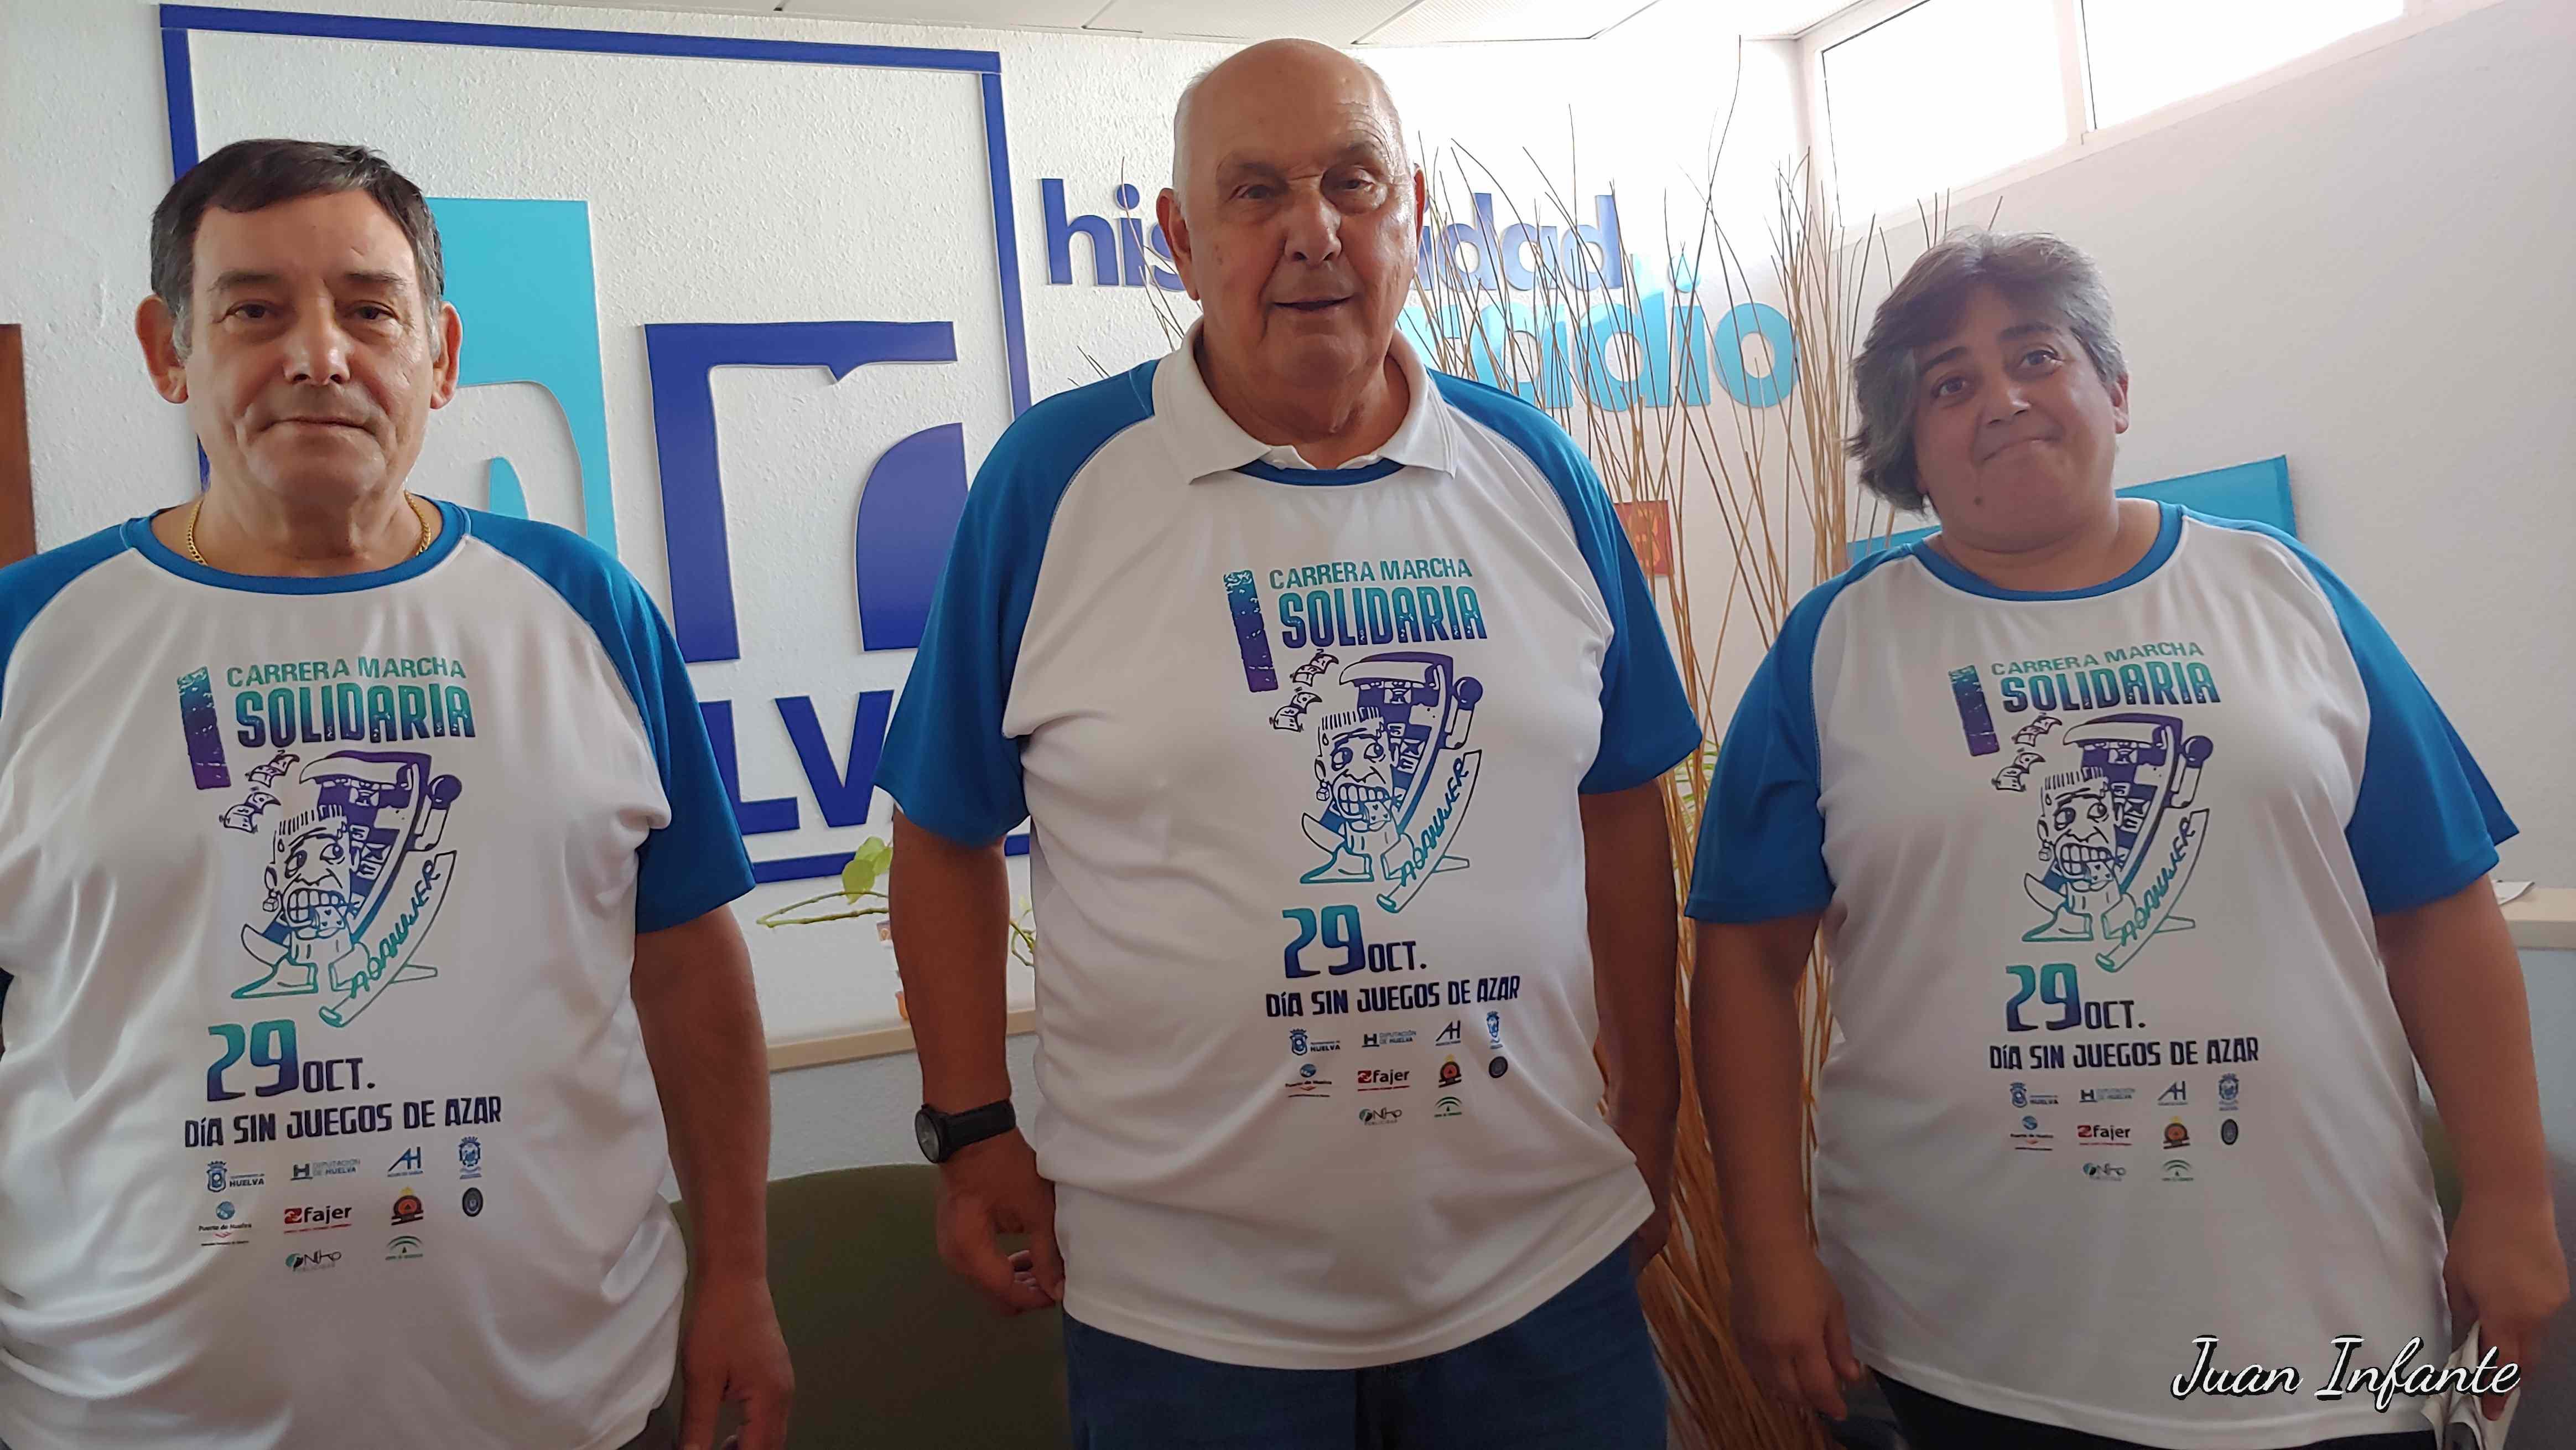 Queremos Saber 24-10-2018 Aonujer, Jorge Barroso, han presentado esta mañana la I Carrera Marcha Solidaria Día Sin Juegos de Azar